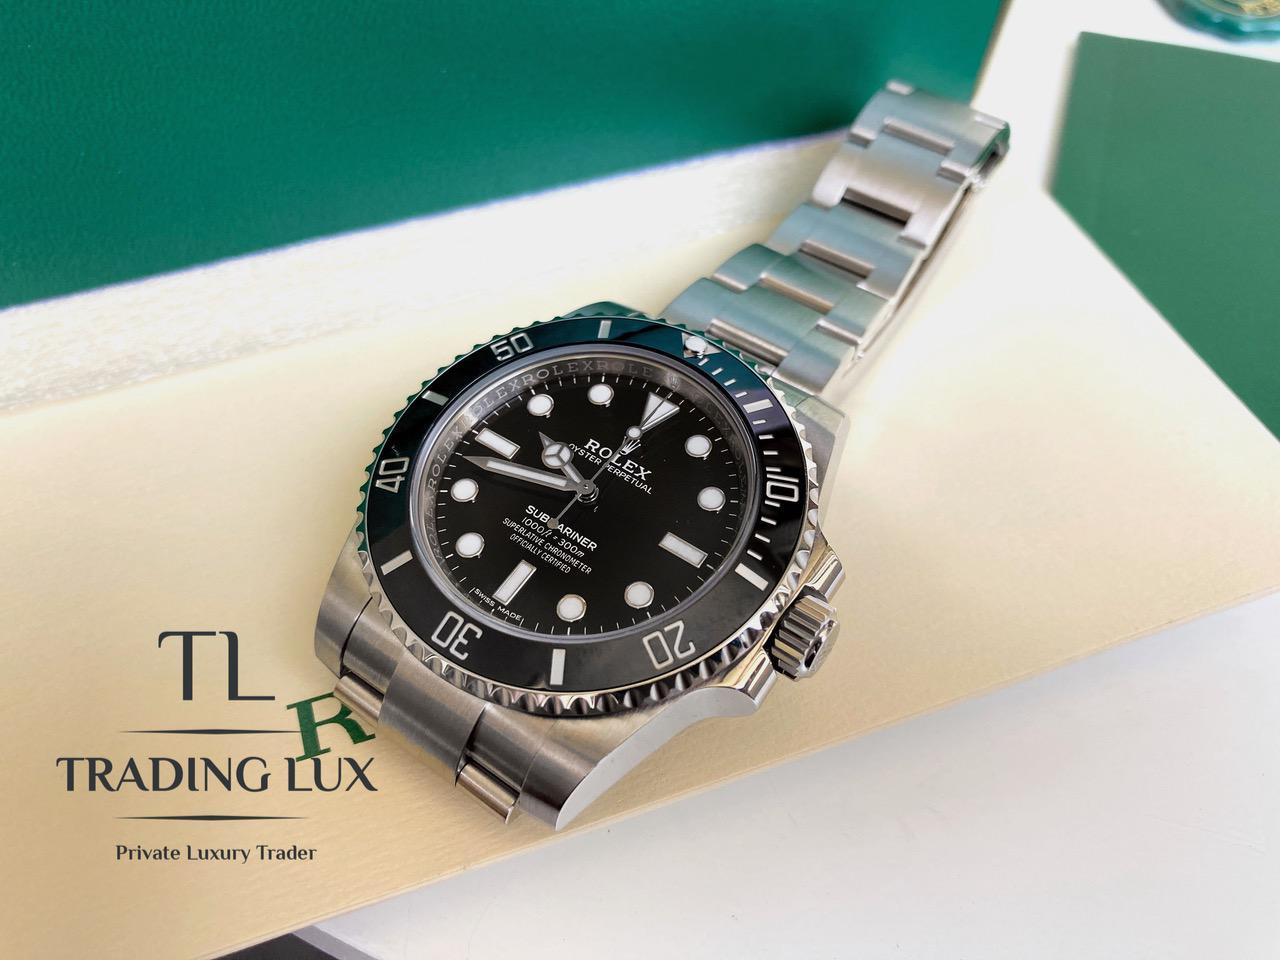 Rolex-Submariner-114060-10